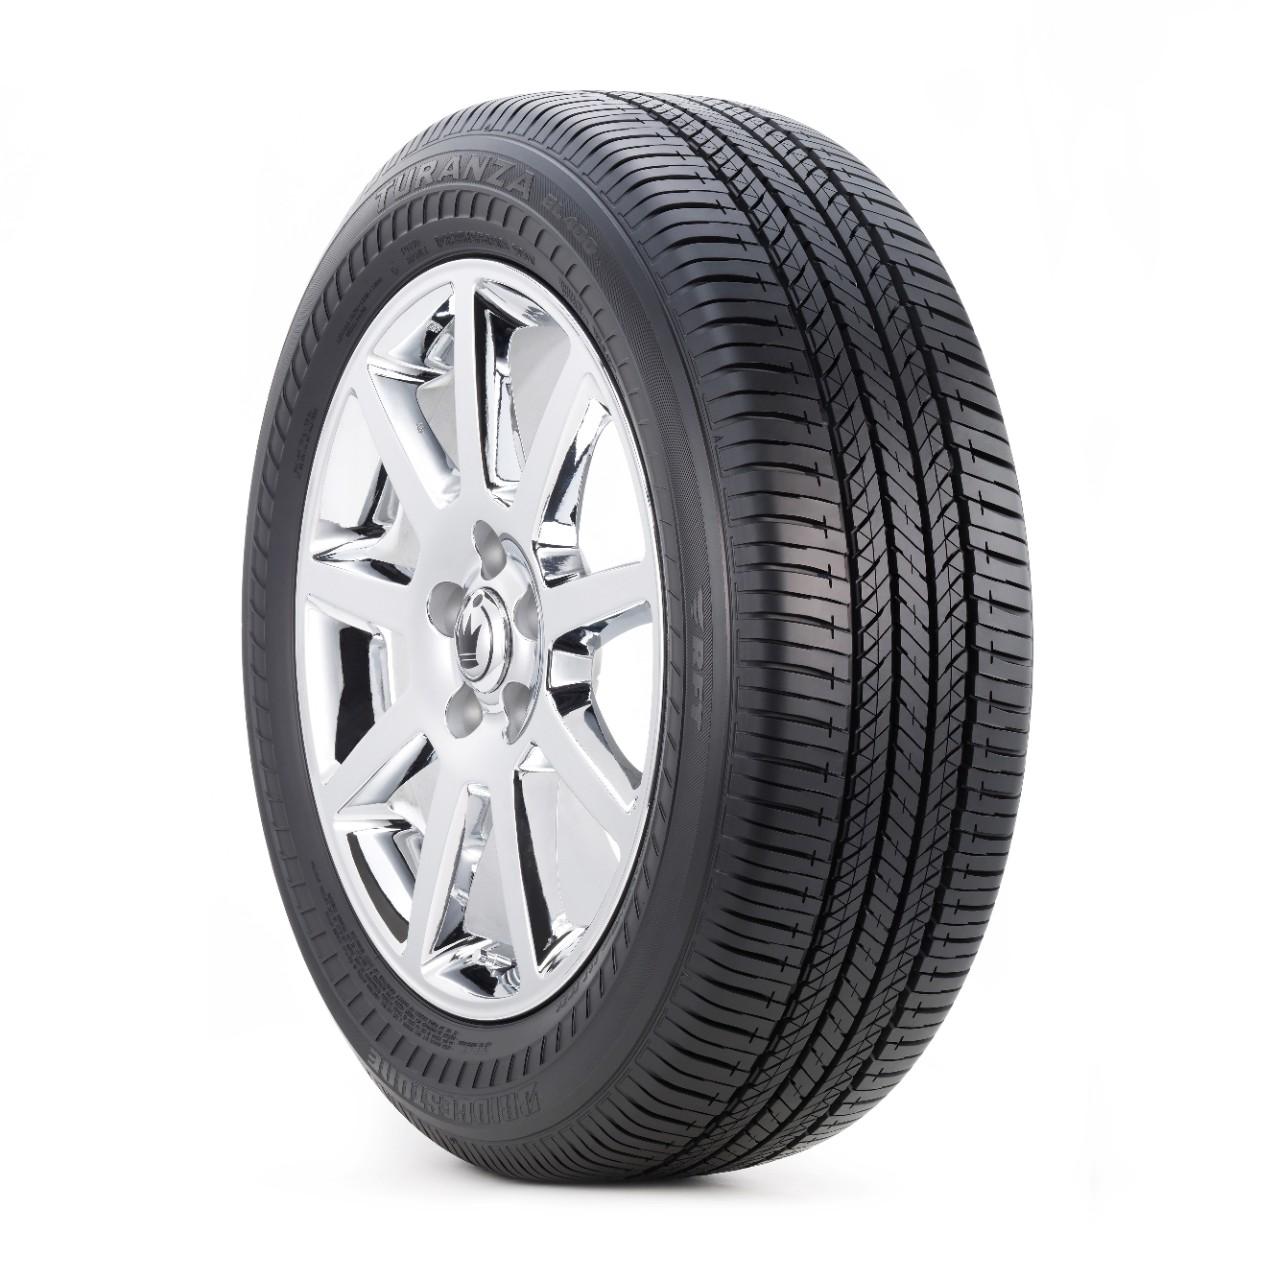 Neumático BRIDGESTONE TURANZA EL400-02 225/50R17 94 V